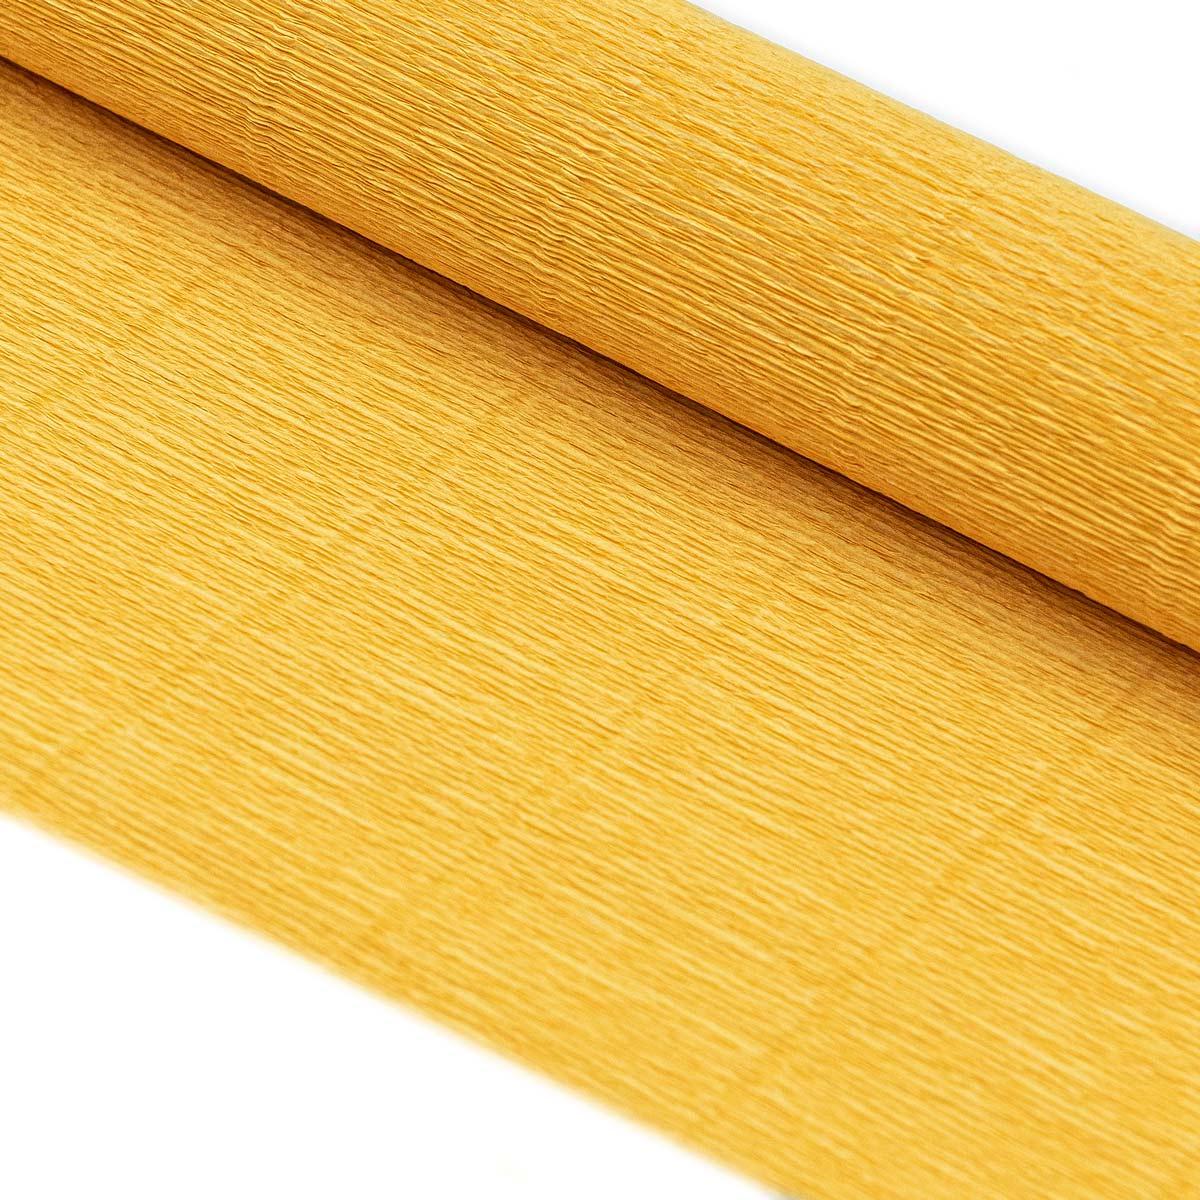 58899 Бумага гофрированная простая, 180гр 17Е/5 солнечно-желтая